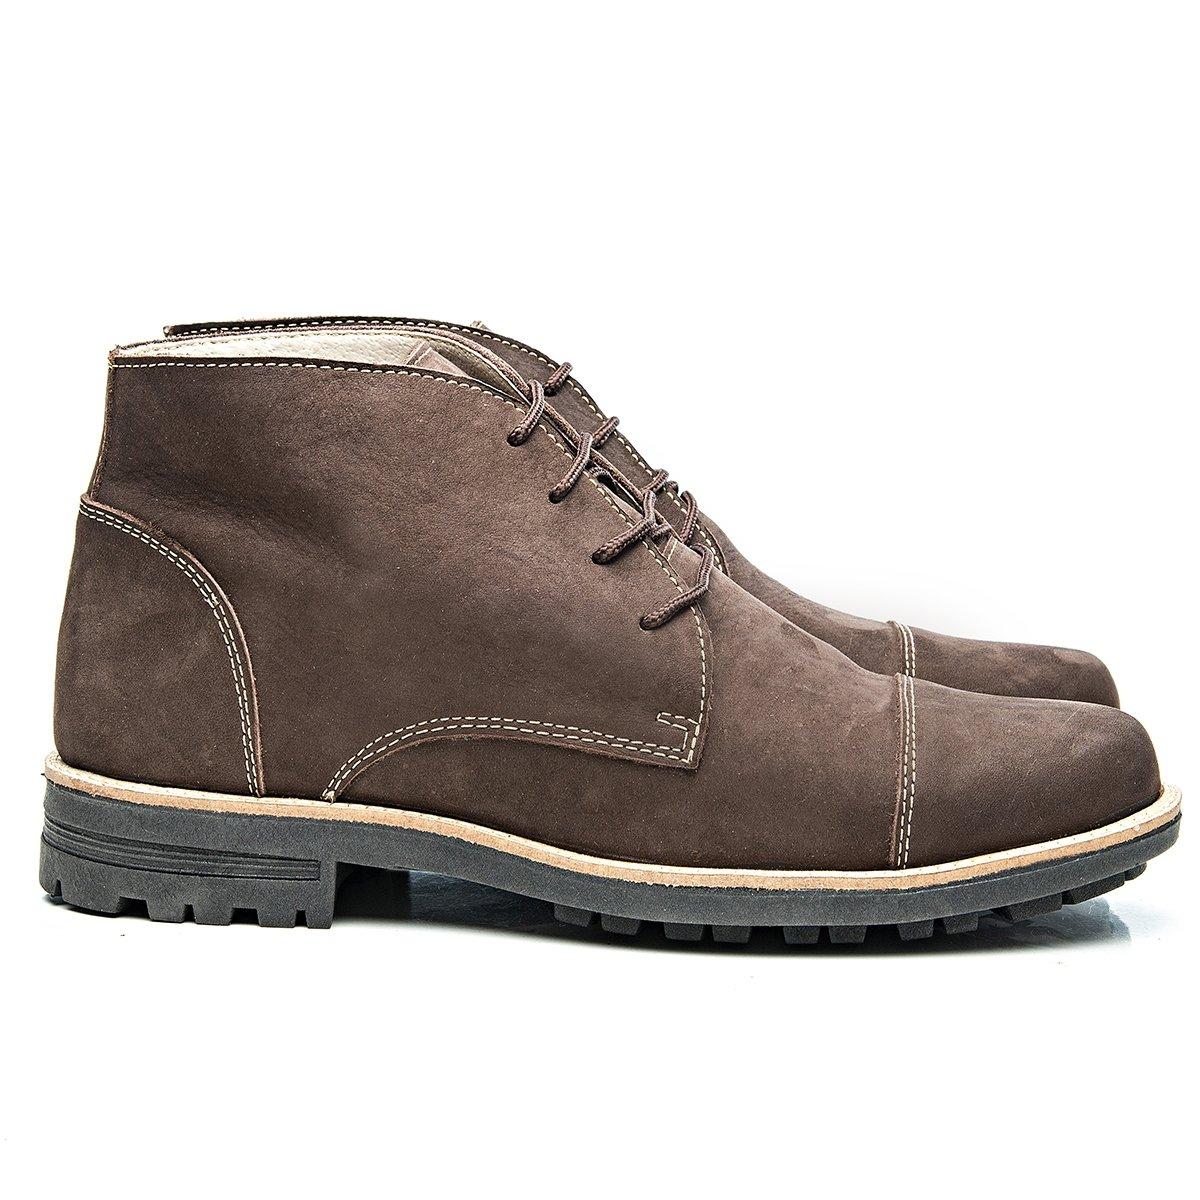 0bdb05c8b7957 Bota Montreal Couro Cadarço Arauak Boots - Compre Agora